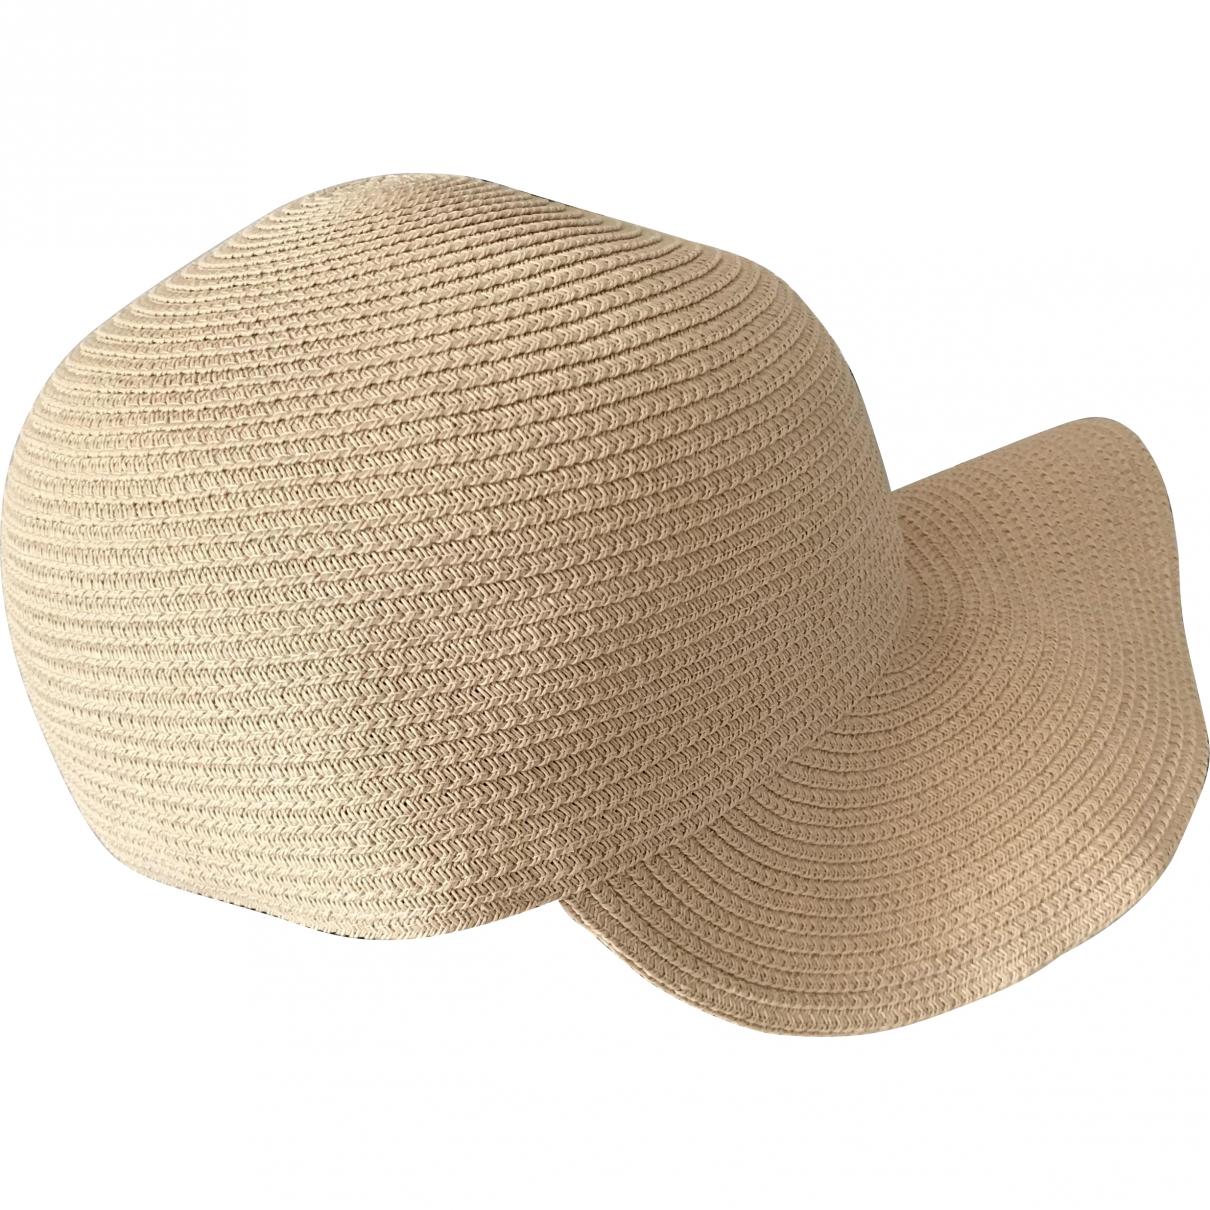 Paule Ka \N Beige Wicker hat for Women M International